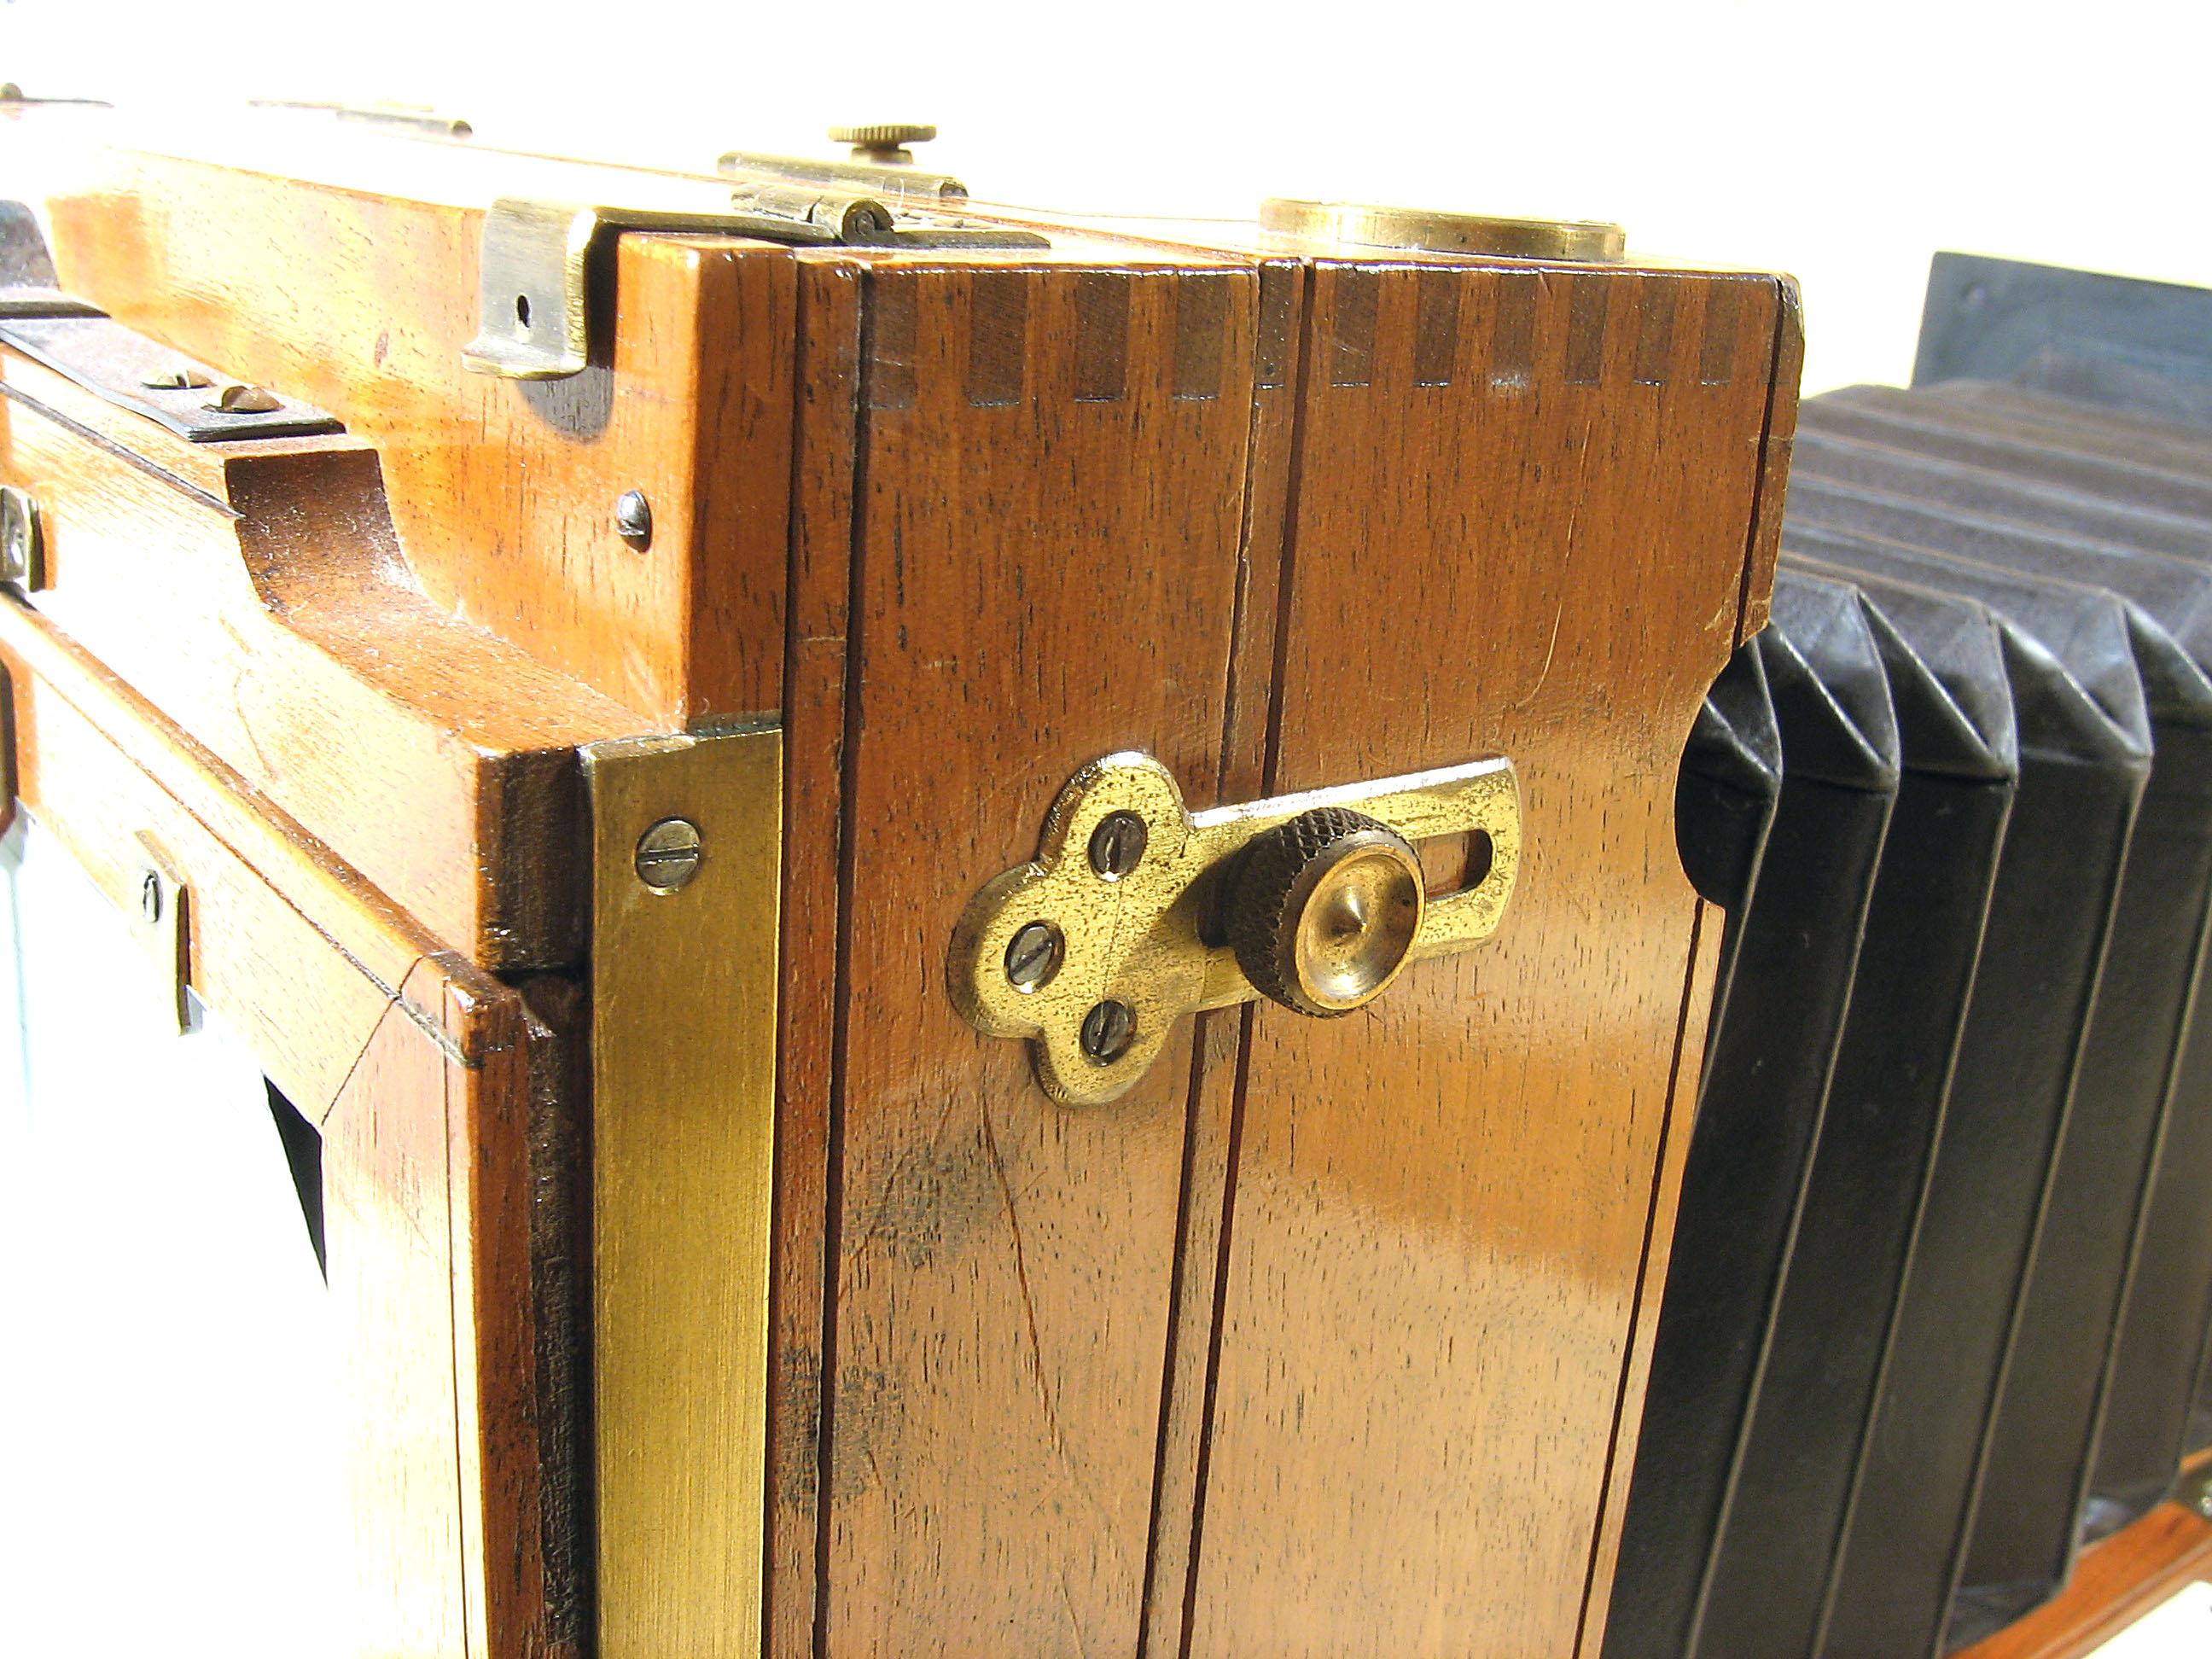 Wallpaper Appareils photos 1327-10  LORILLON  E  Chambre folding 10X15, collection AMI